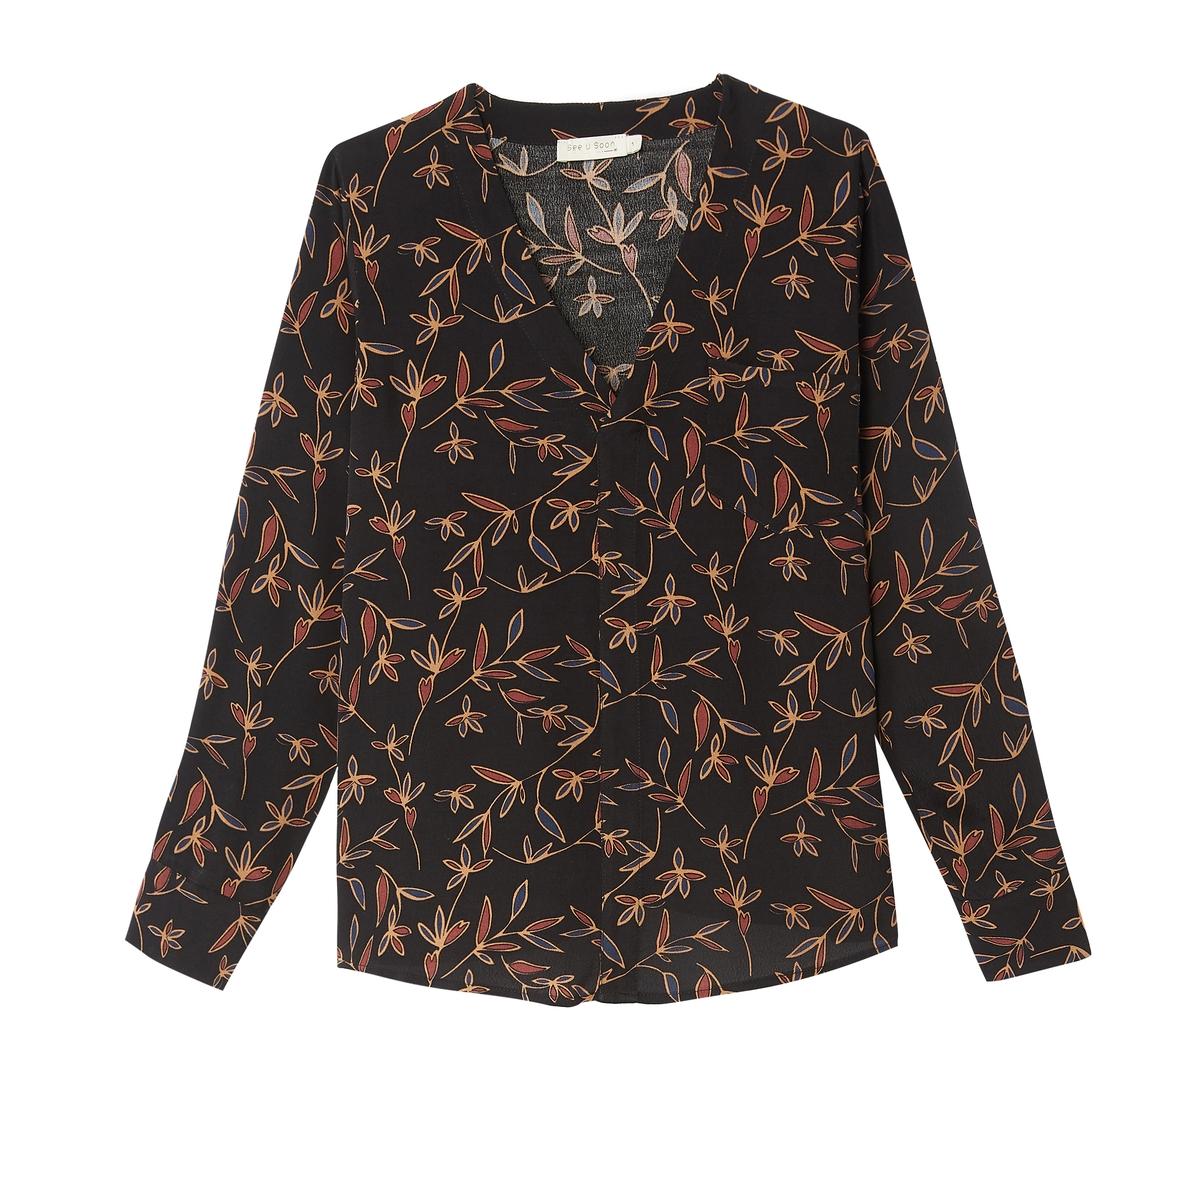 Блузка La Redoute С V-образным вырезом цветочным рисунком и длинными рукавами XS черный футболка la redoute с длинными рукавами и v образным вырезом из кружева s черный